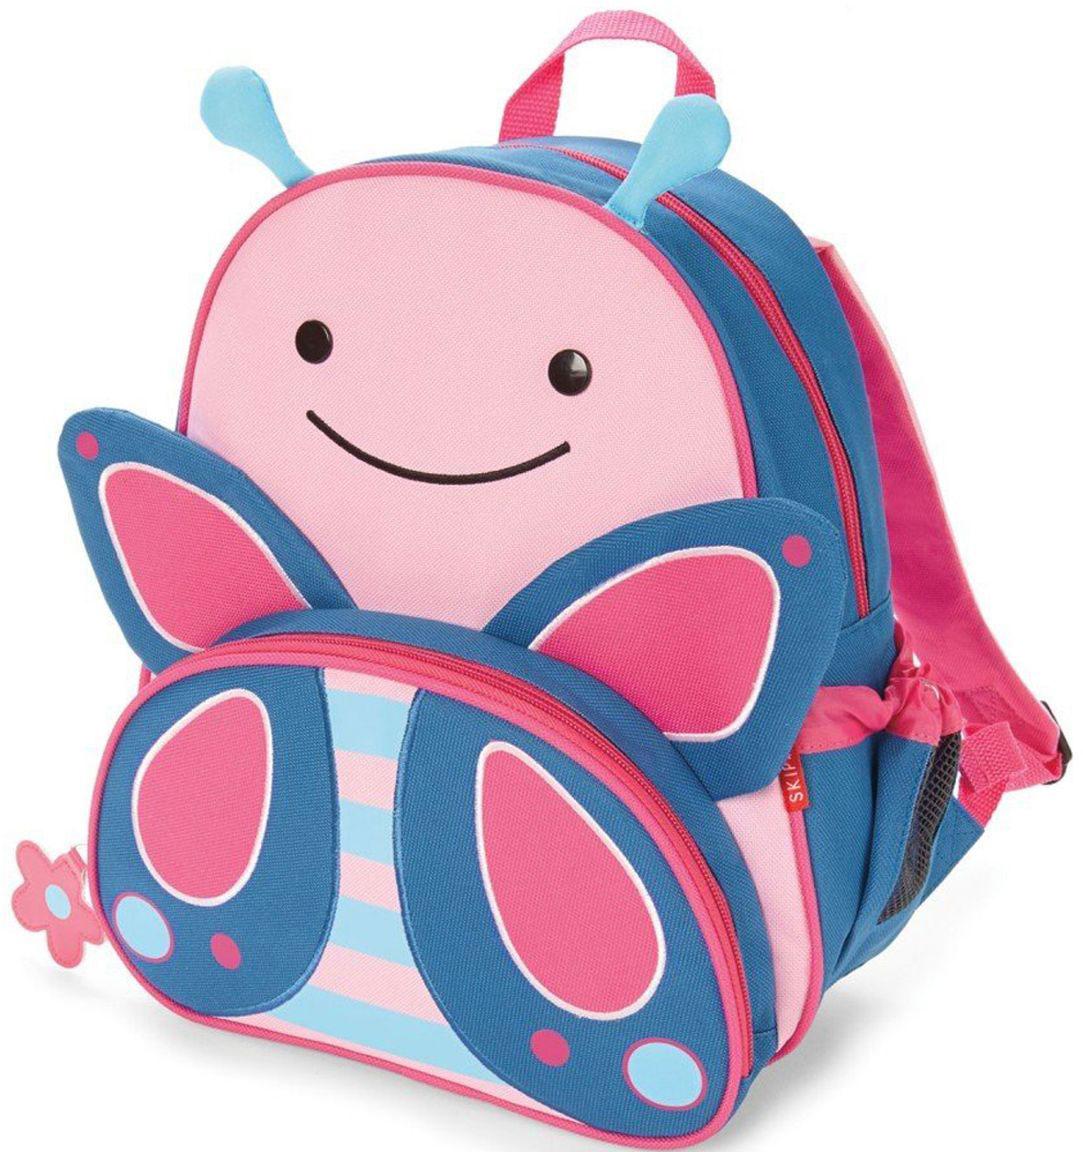 Skip Hop Рюкзак дошкольный БабочкаSH 210225Дошкольный рюкзак Skip Hop каждый день будет радовать вашего малыша, вызывать улыбки у прохожих и зависть у сверстников. С ним можно ходить в детский сад, на прогулку, в гости к бабушке или ездить на экскурсии.Рюкзак имеет одно основное отделение на застежке-молнии, в которое легко поместятся книжка, альбом для рисования, краски, фломастеры, любимая игрушка и контейнер с едой, а кармашек сбоку предназначен специально для бутылочки с водой. Передний карман на молнии предназначен для мелких вещей.Рюкзак оснащен ручкой для переноски в руках и лямками регулируемой длины.